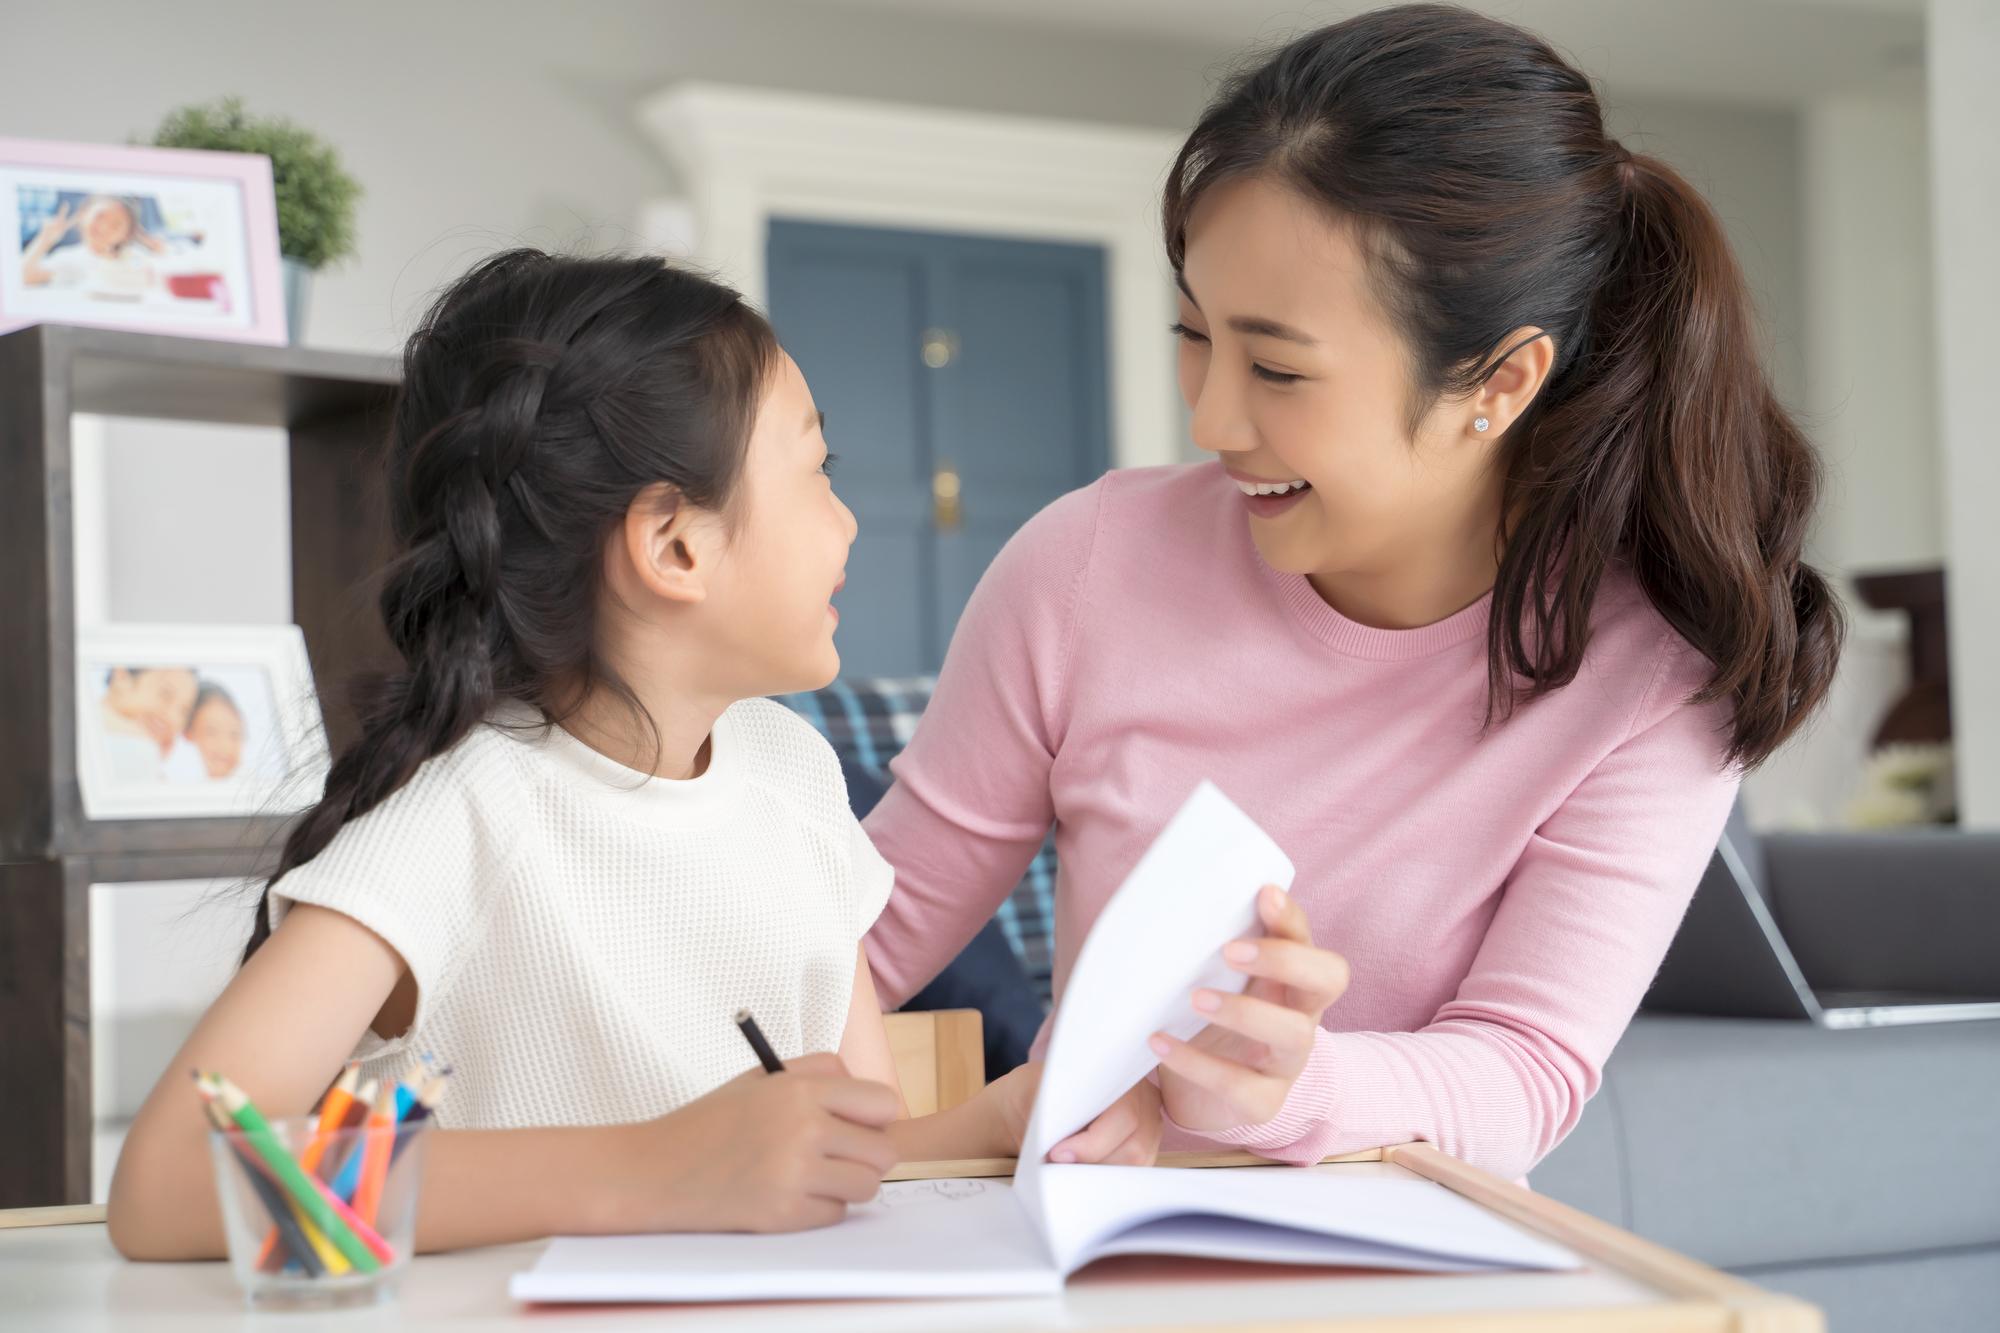 【おやこの経済学】親子でお金を学ぼう!国内外の「お金の教育」の実情